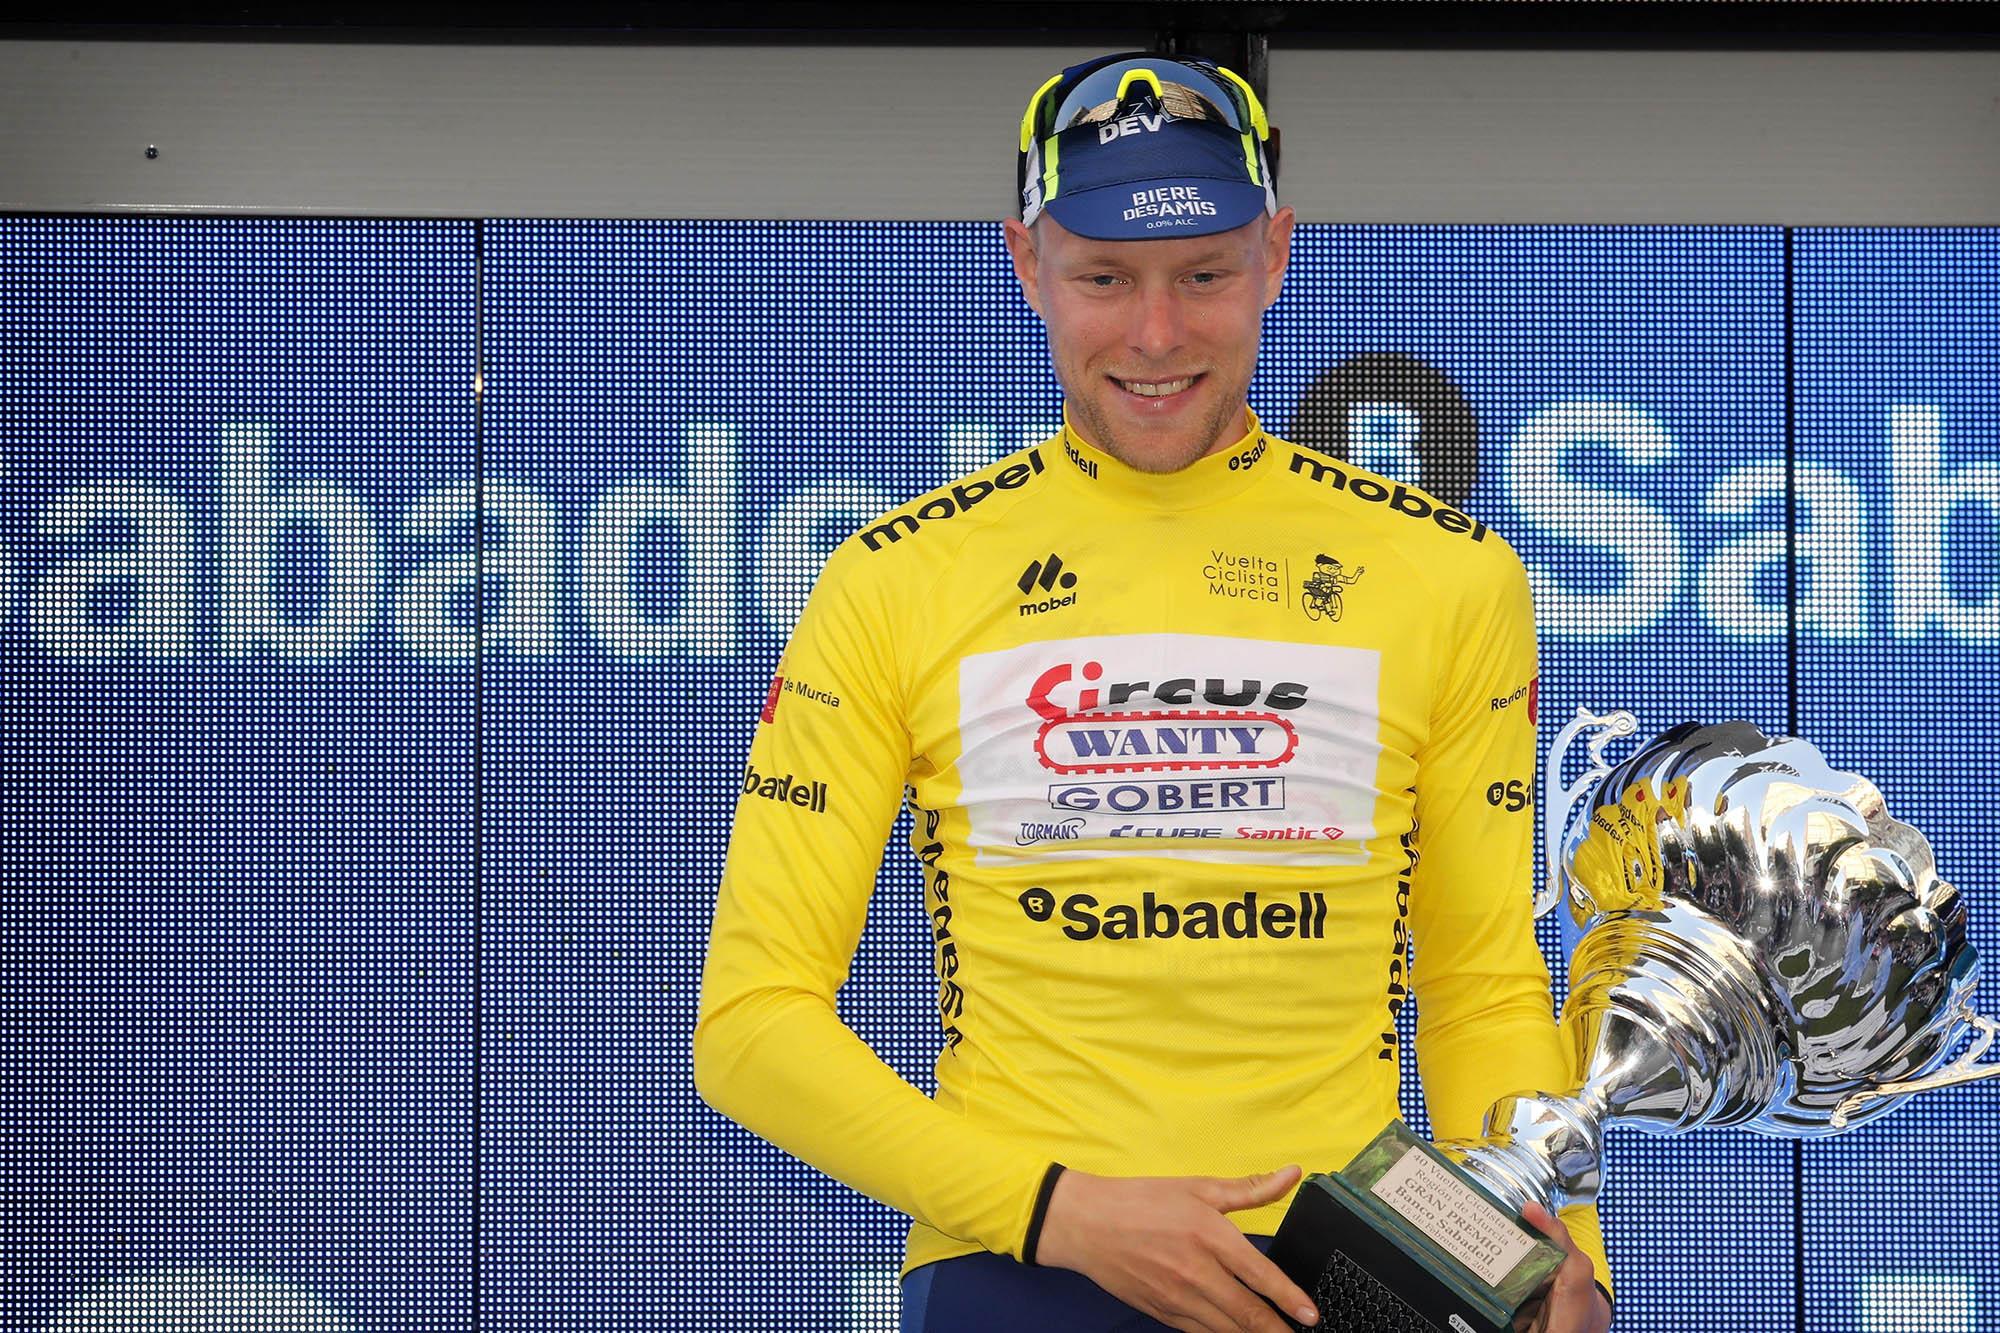 Xandro Meurisse logra su victoria más importante en la Vuelta a Murcia